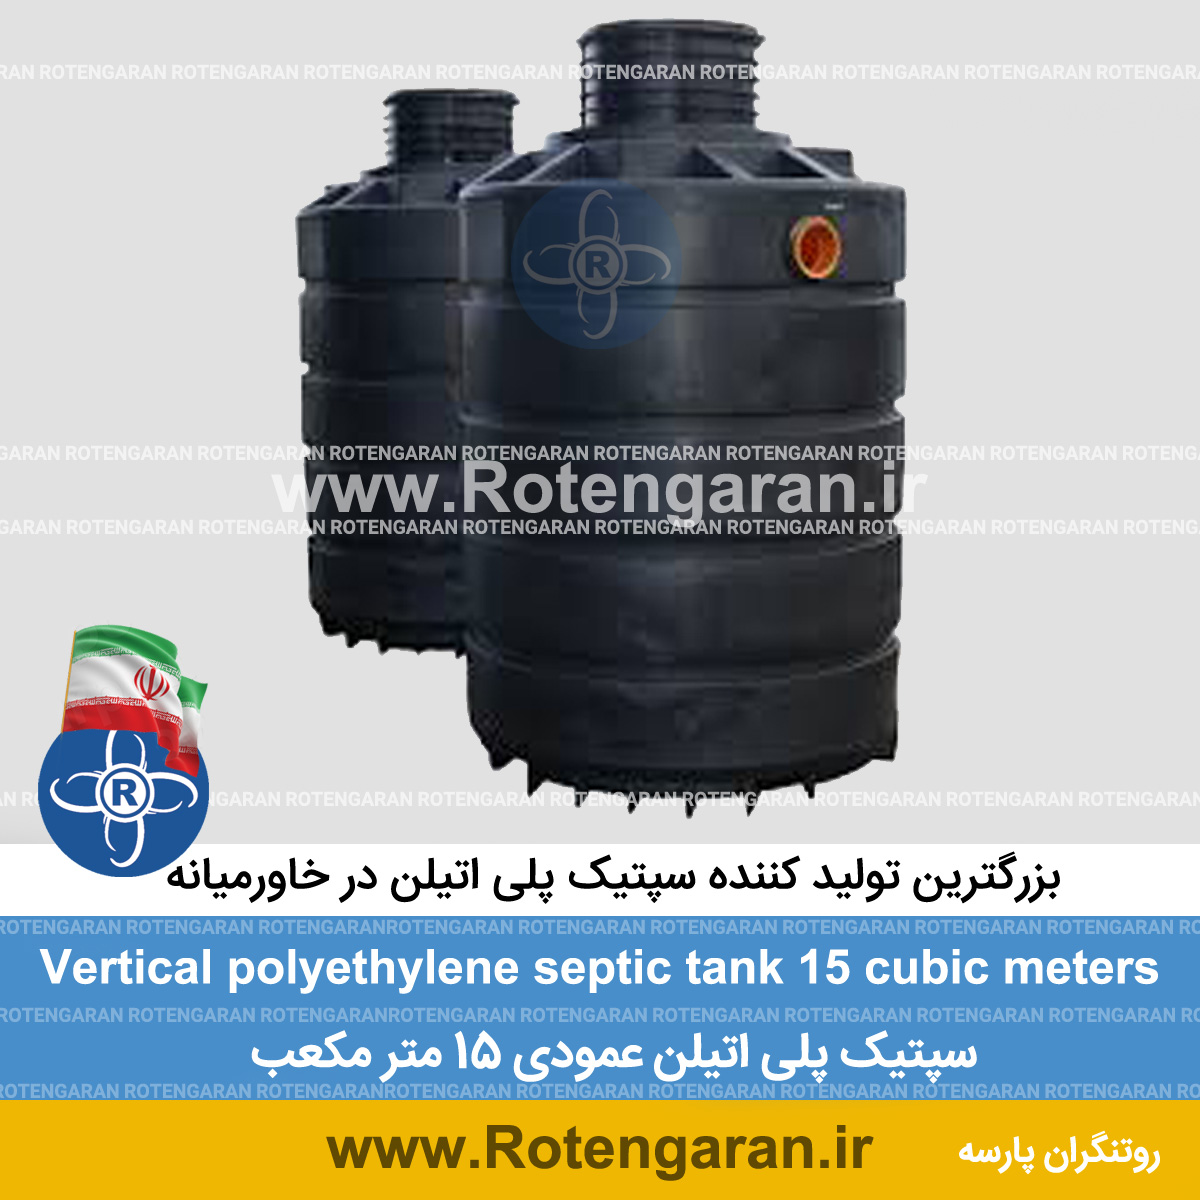 سپتیک پلی اتیلن عمودی 15 متر مکعب